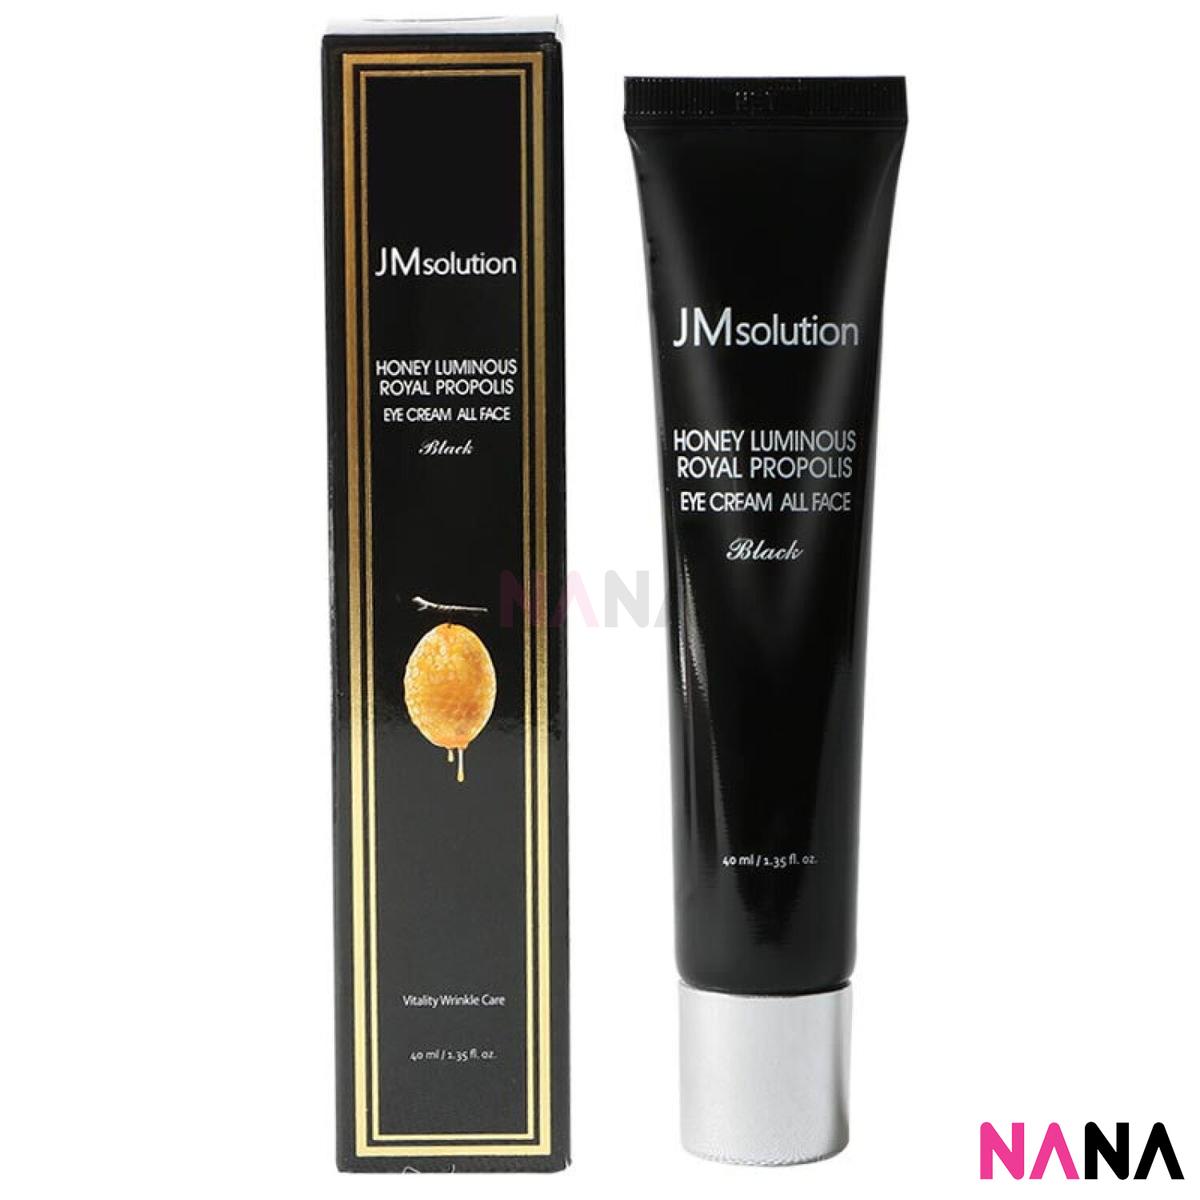 Honey Luminous Royal Propolis Eye Cream All Face 40ml